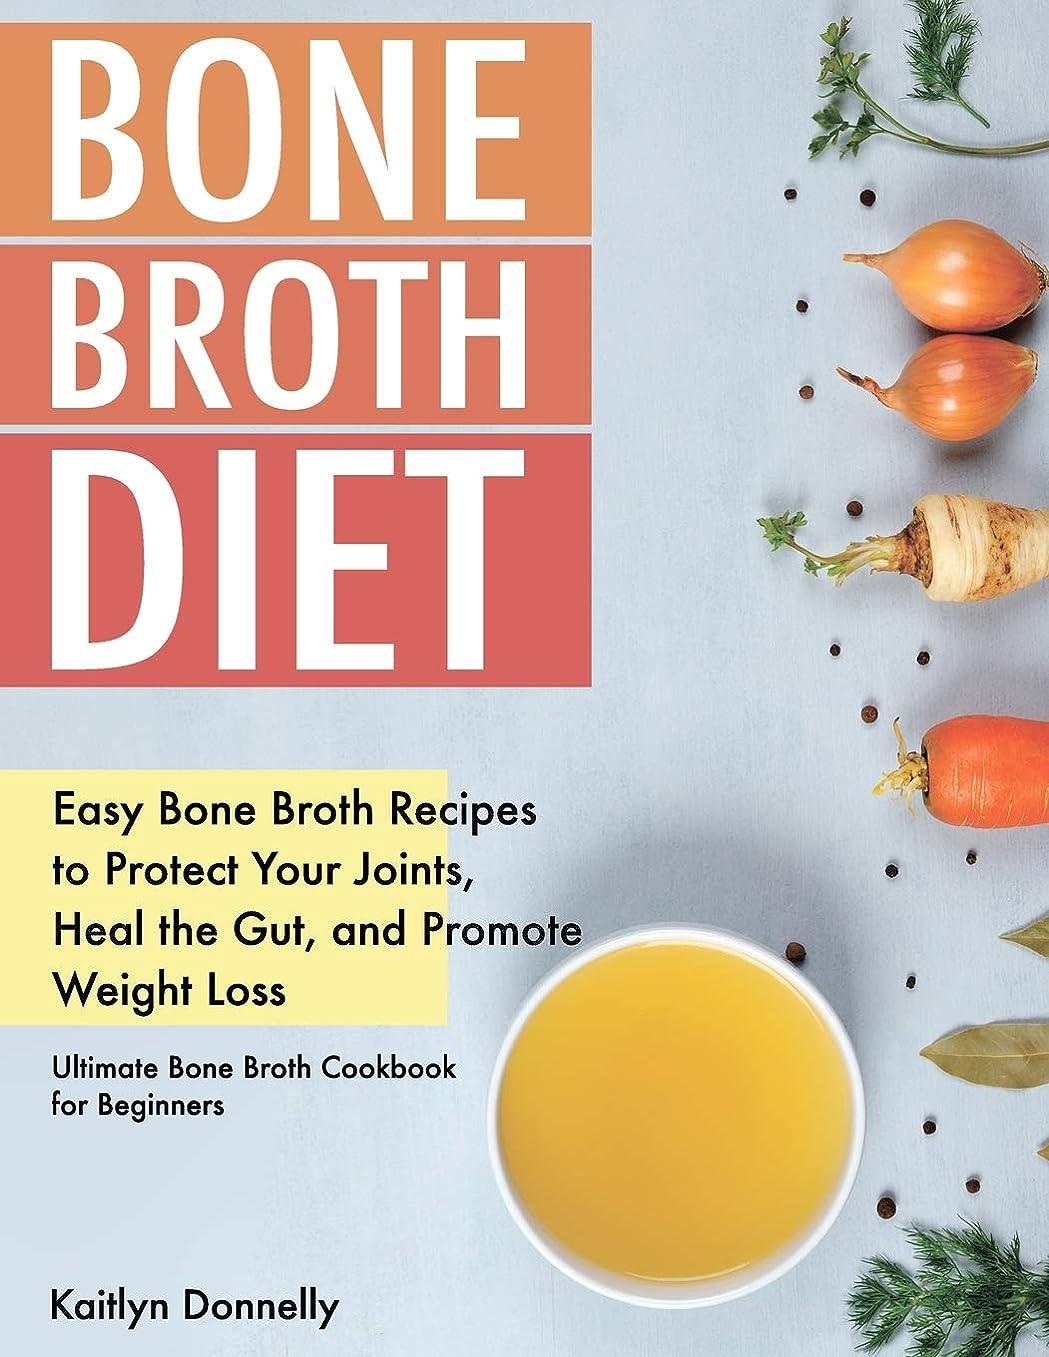 ミュージカル小道具完全に乾くBone Broth Diet: Easy Bone Broth Recipes to Protect Your Joints, Heal the Gut, and Promote Weight Loss. Ultimate Bone Broth Cookbook for Beginners